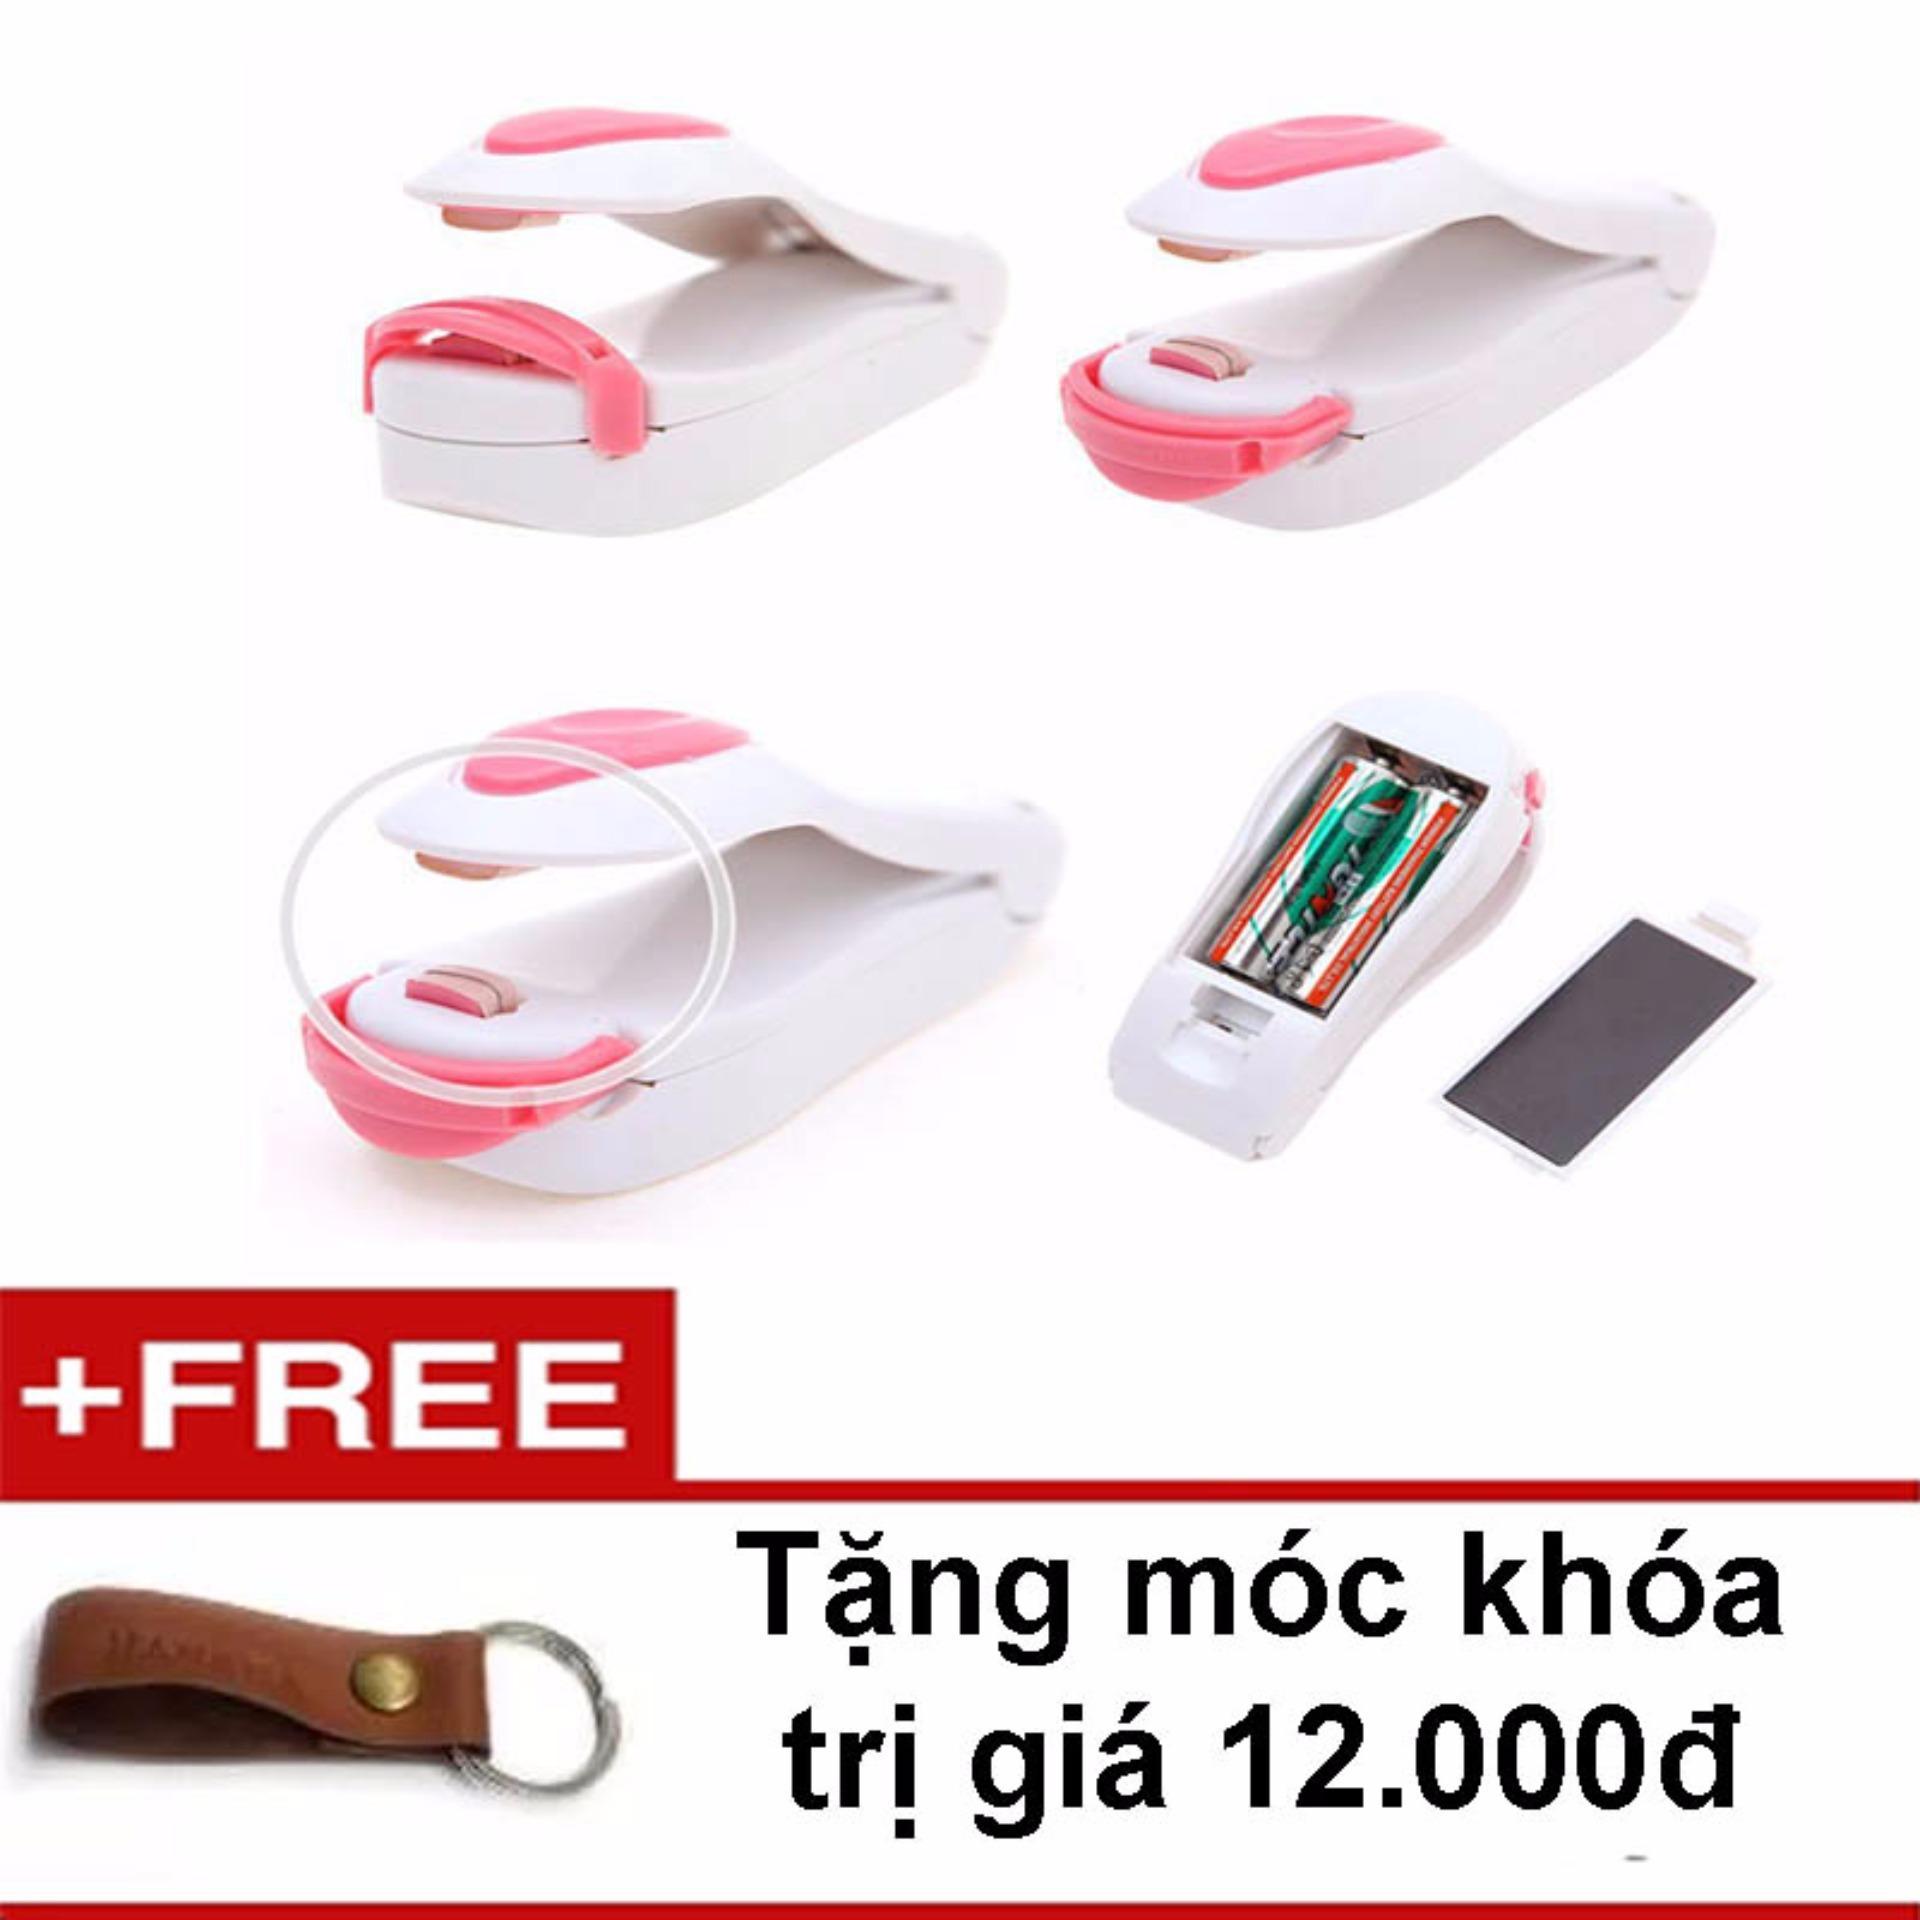 Máy hàn miệng túi mini loại mới 2017(tặng móc)